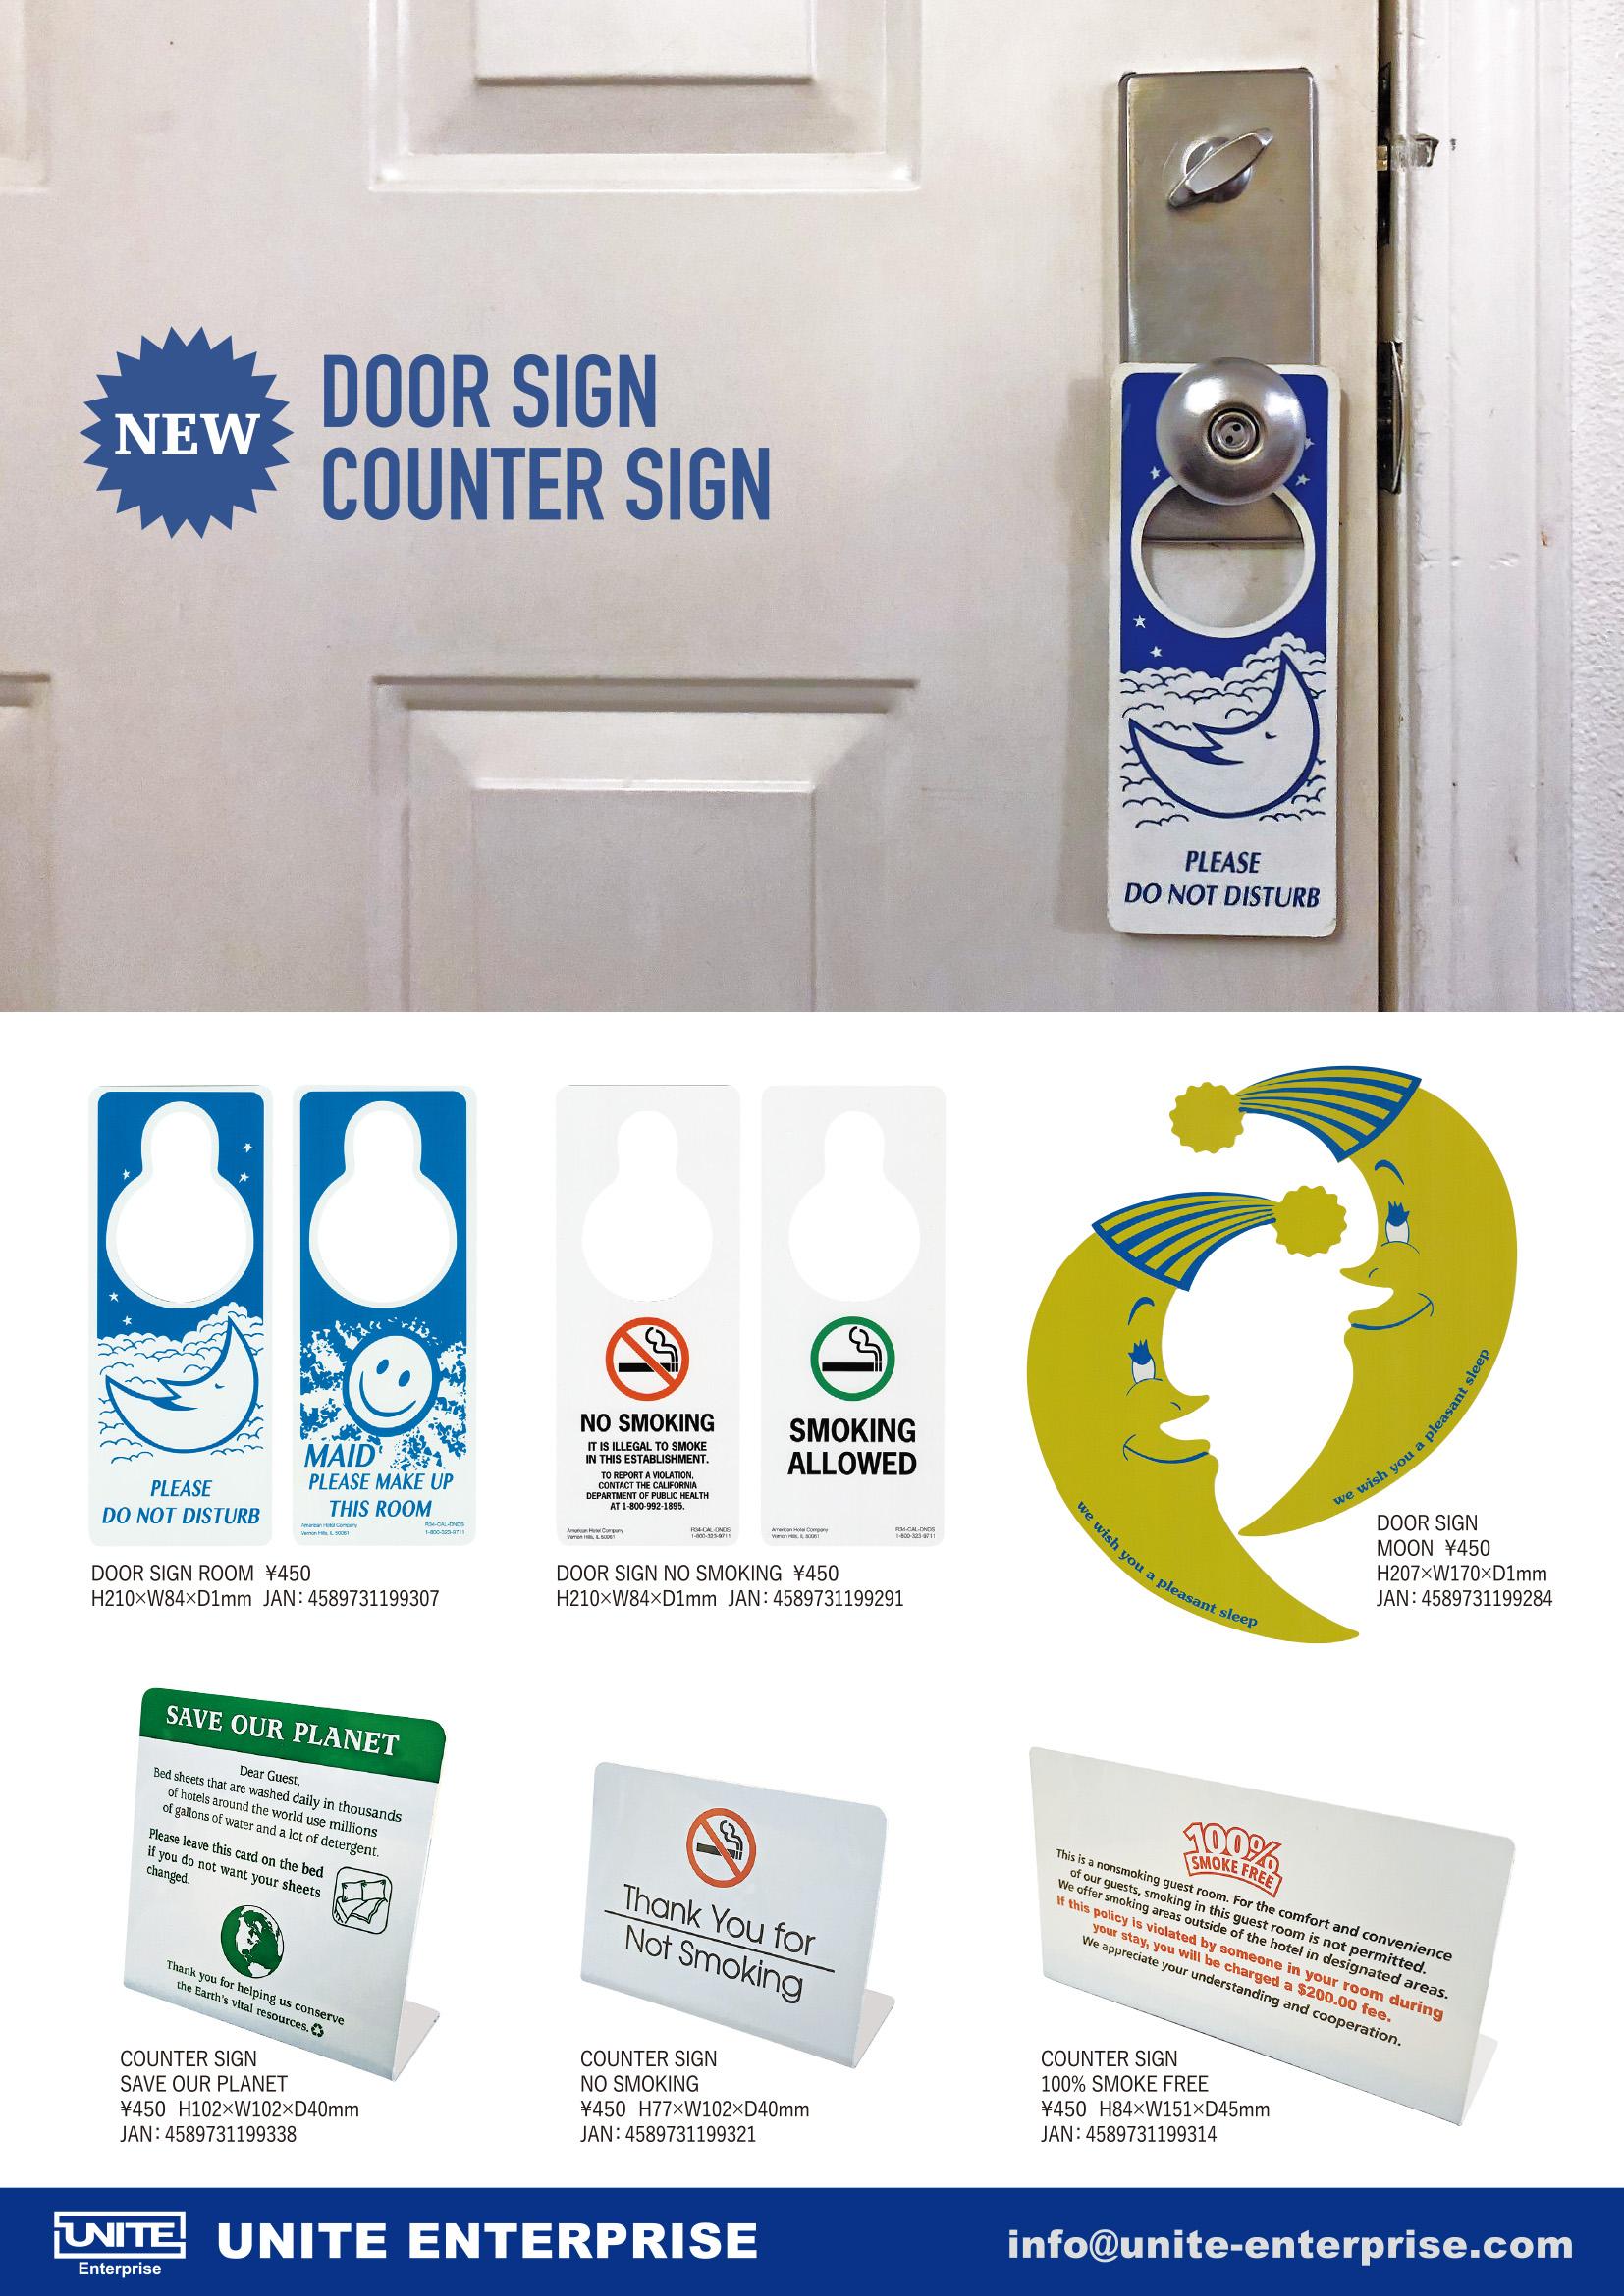 20200911_DOOR SIGN-COUNTER SIGN